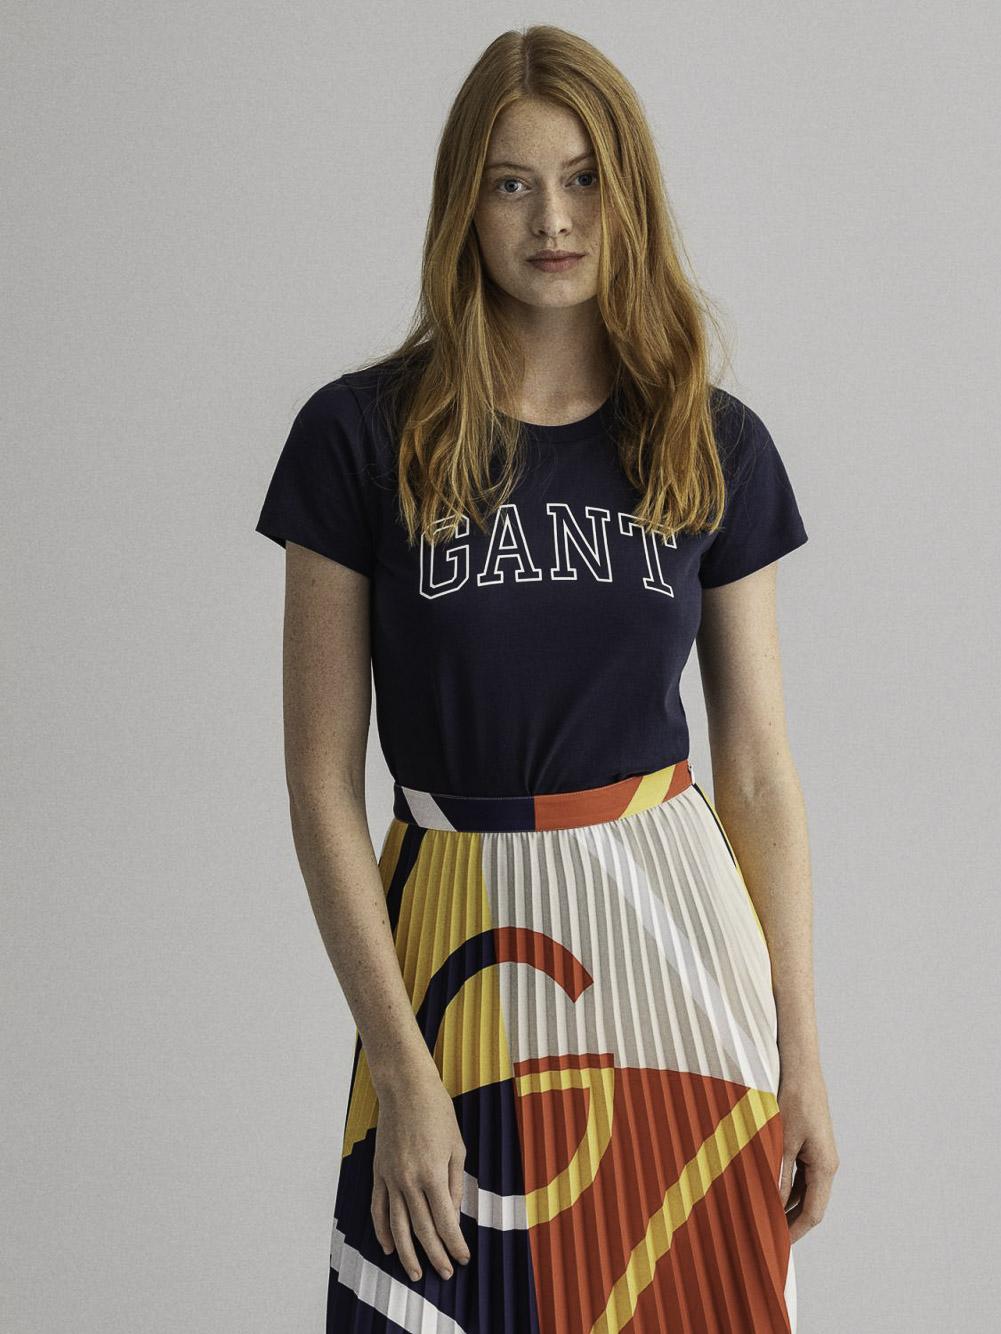 GANT Μπλούζα t-shirt 3GW4200409-433 ΣΚΟΥΡΟ ΜΠΛΕ